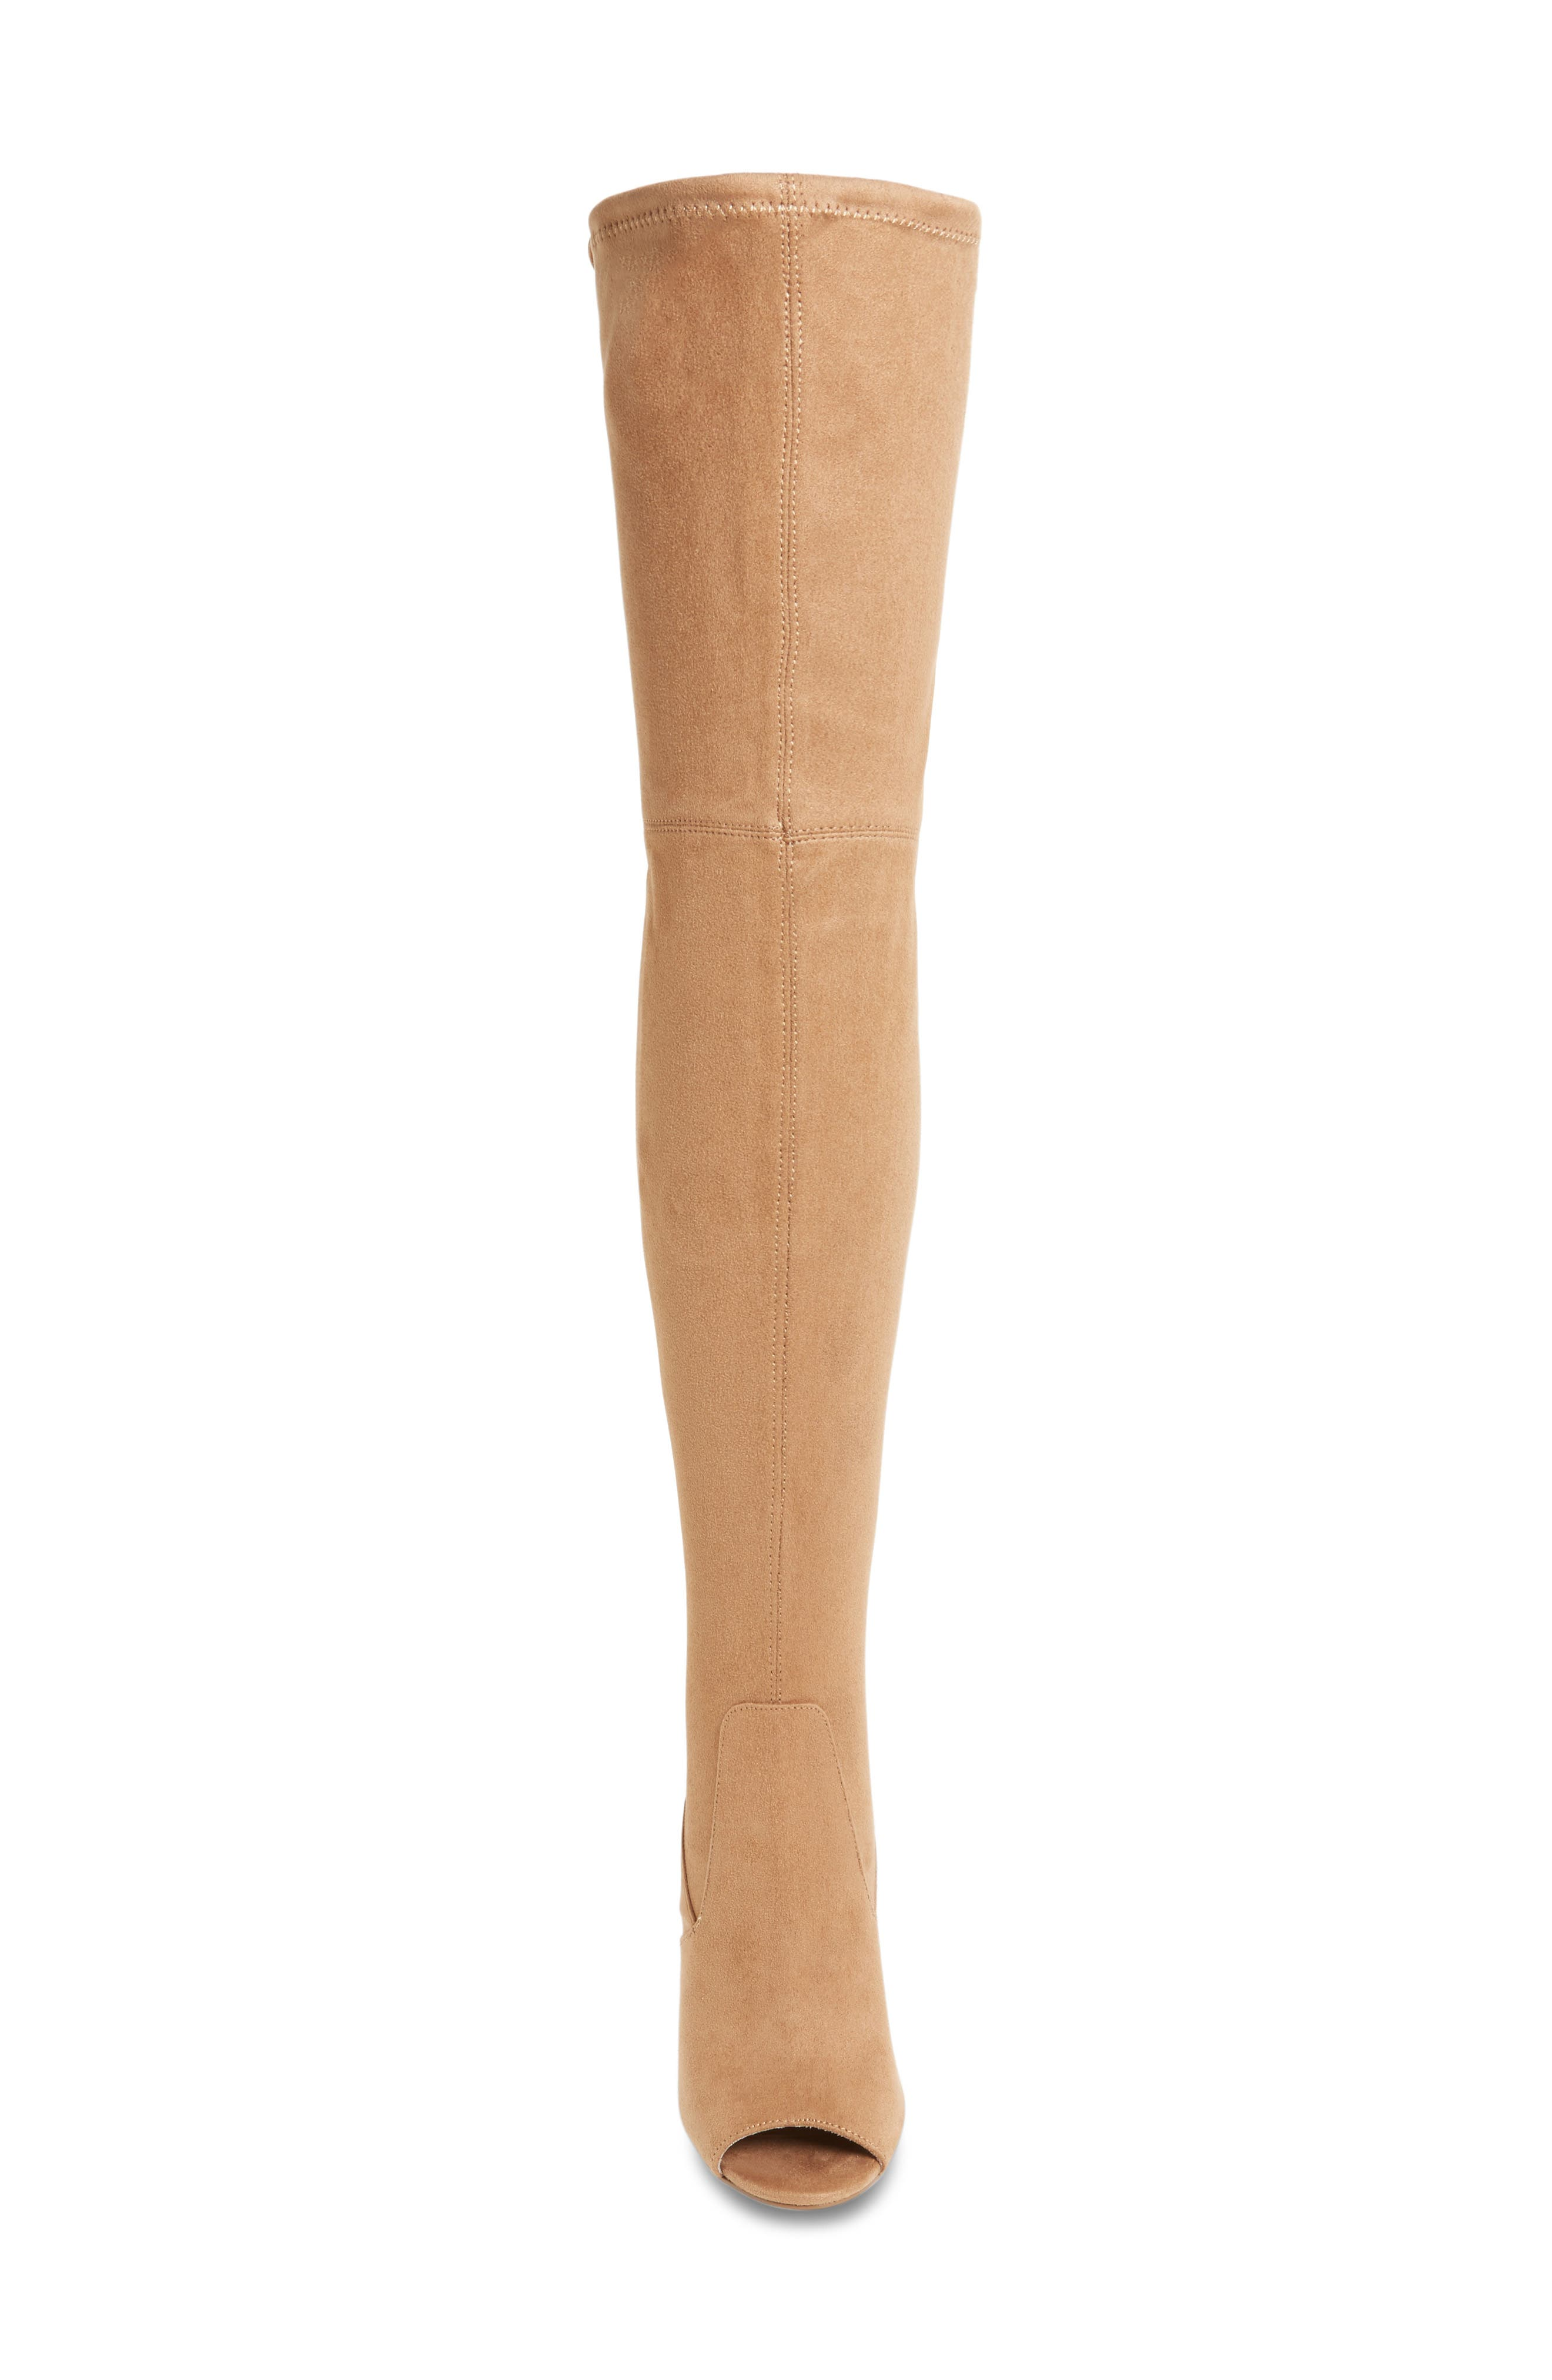 Alternate Image 3  - Steve Madden Elliana Over the Knee Open Toe Boot (Women)